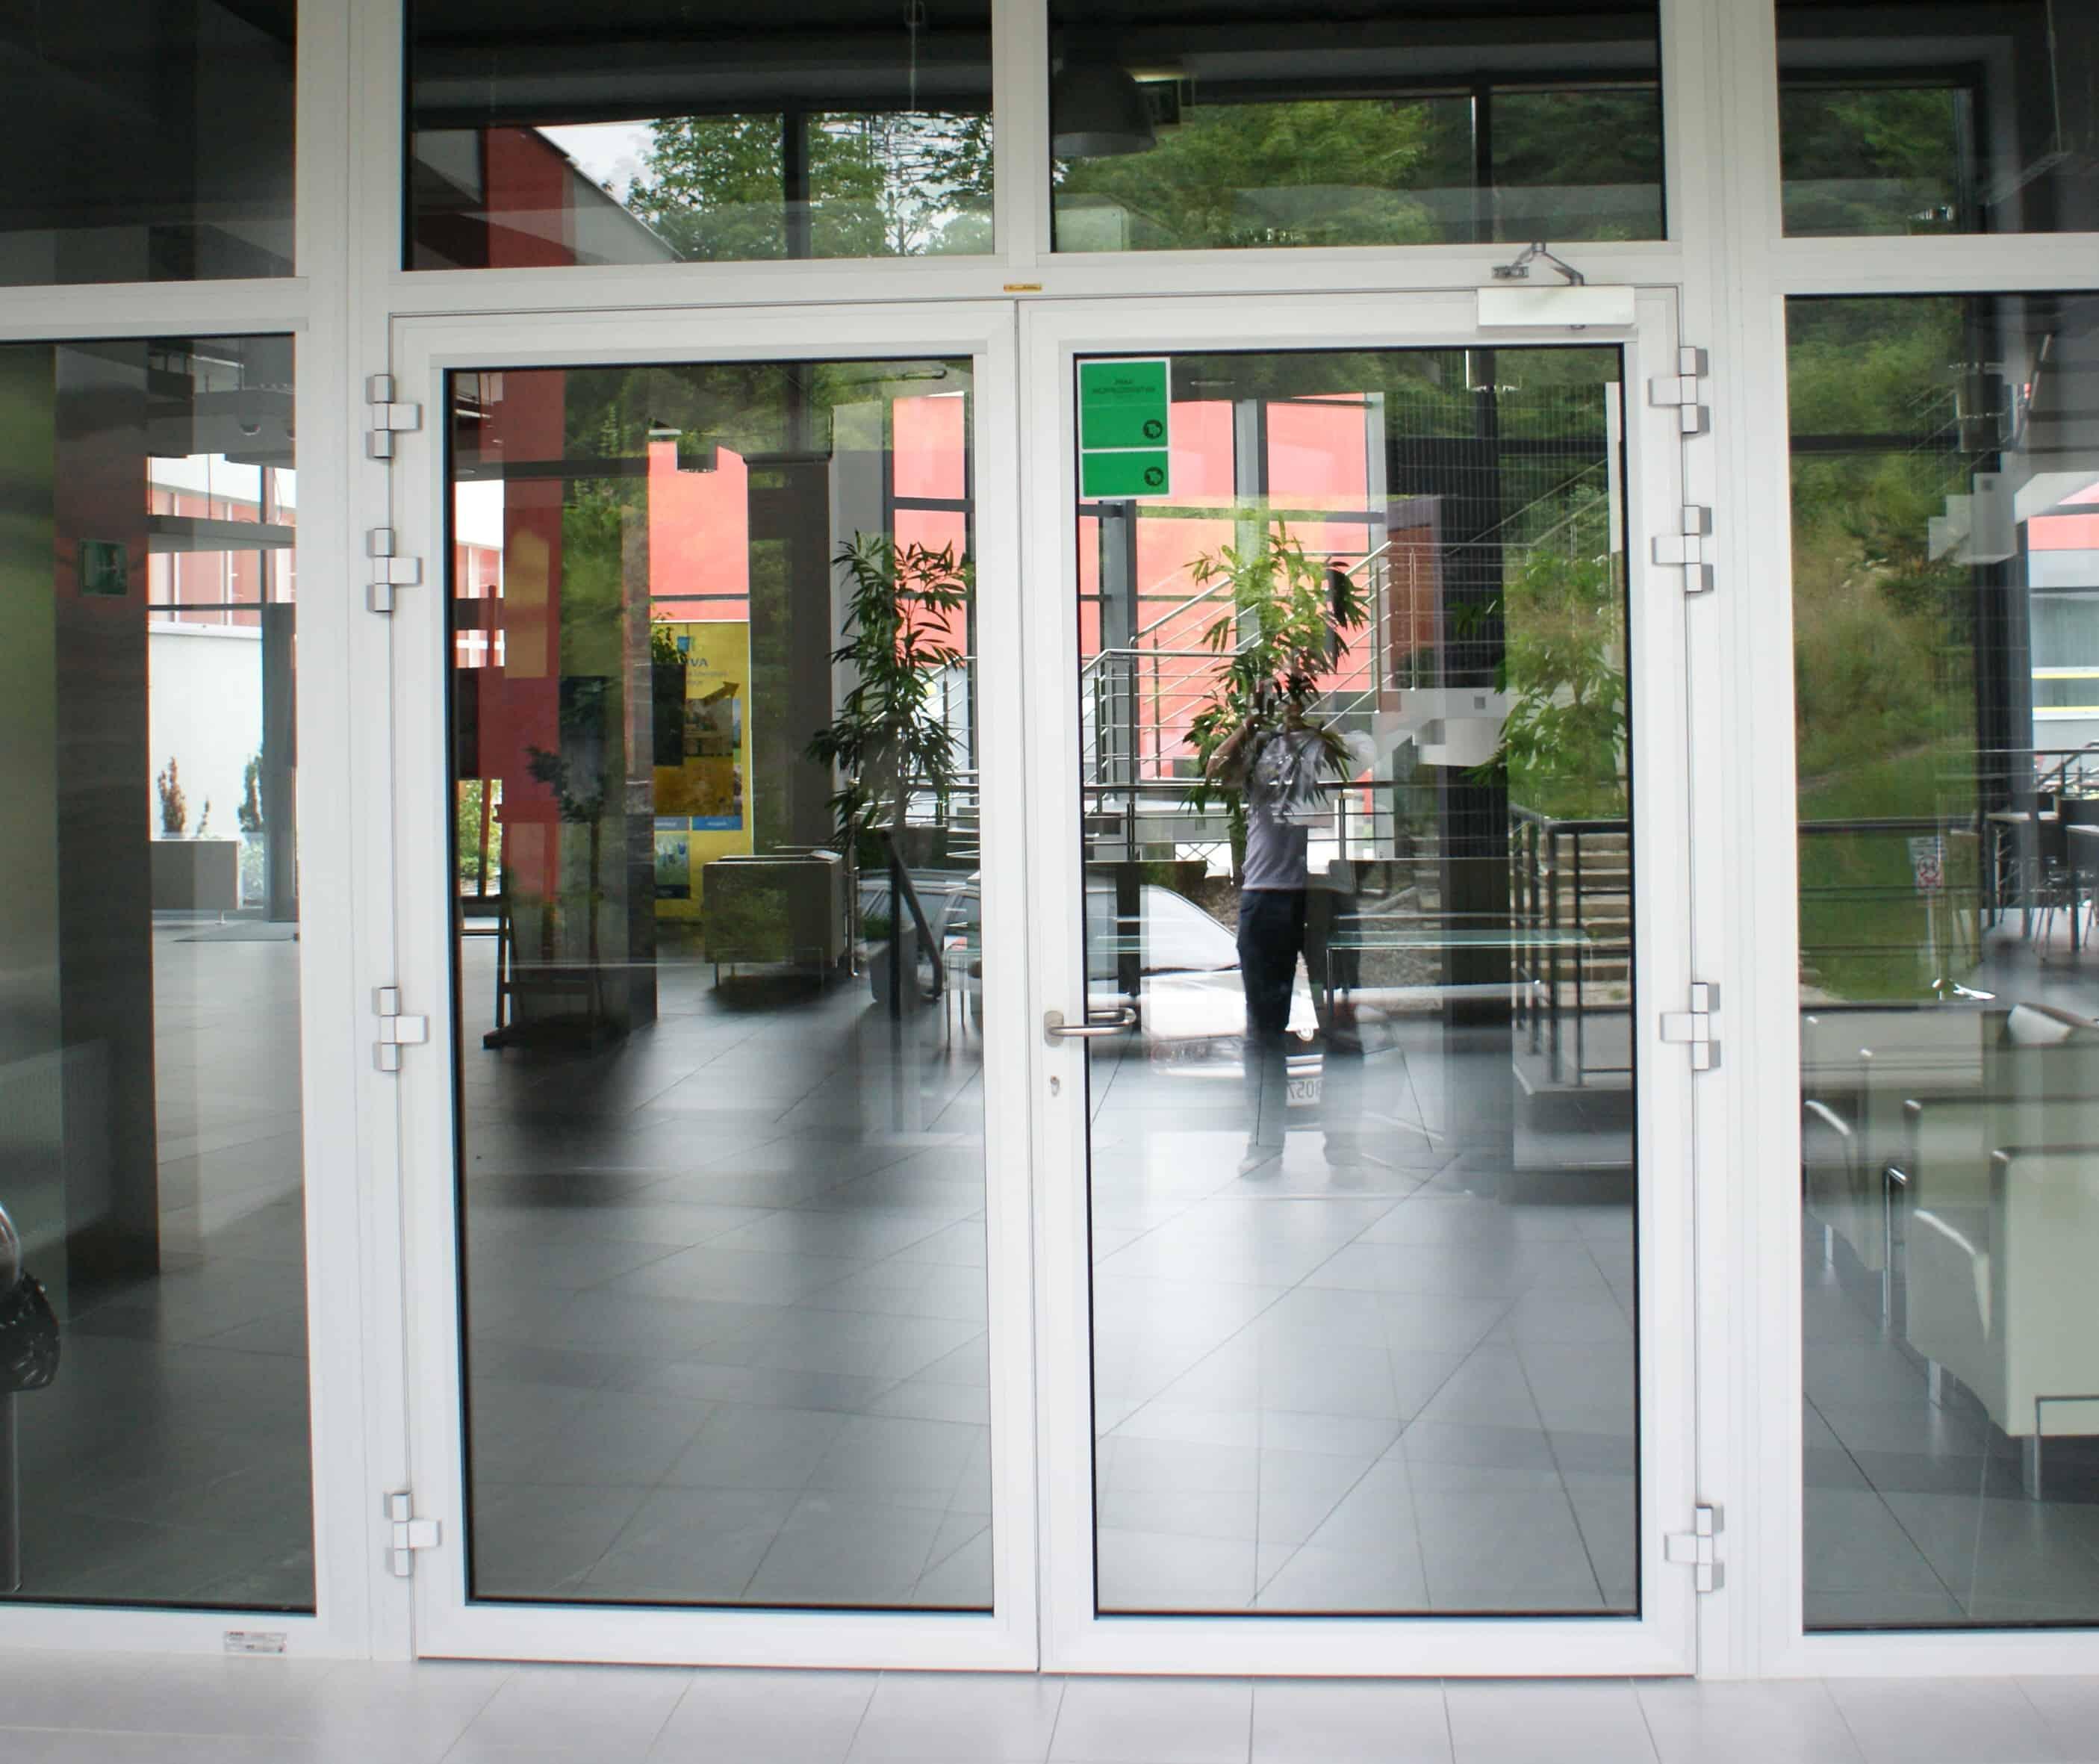 внутренняя противопожарная дверь с огнестойким стеклом Ei30 C5 1800 мм X 2100 мм двустворчатая дверь